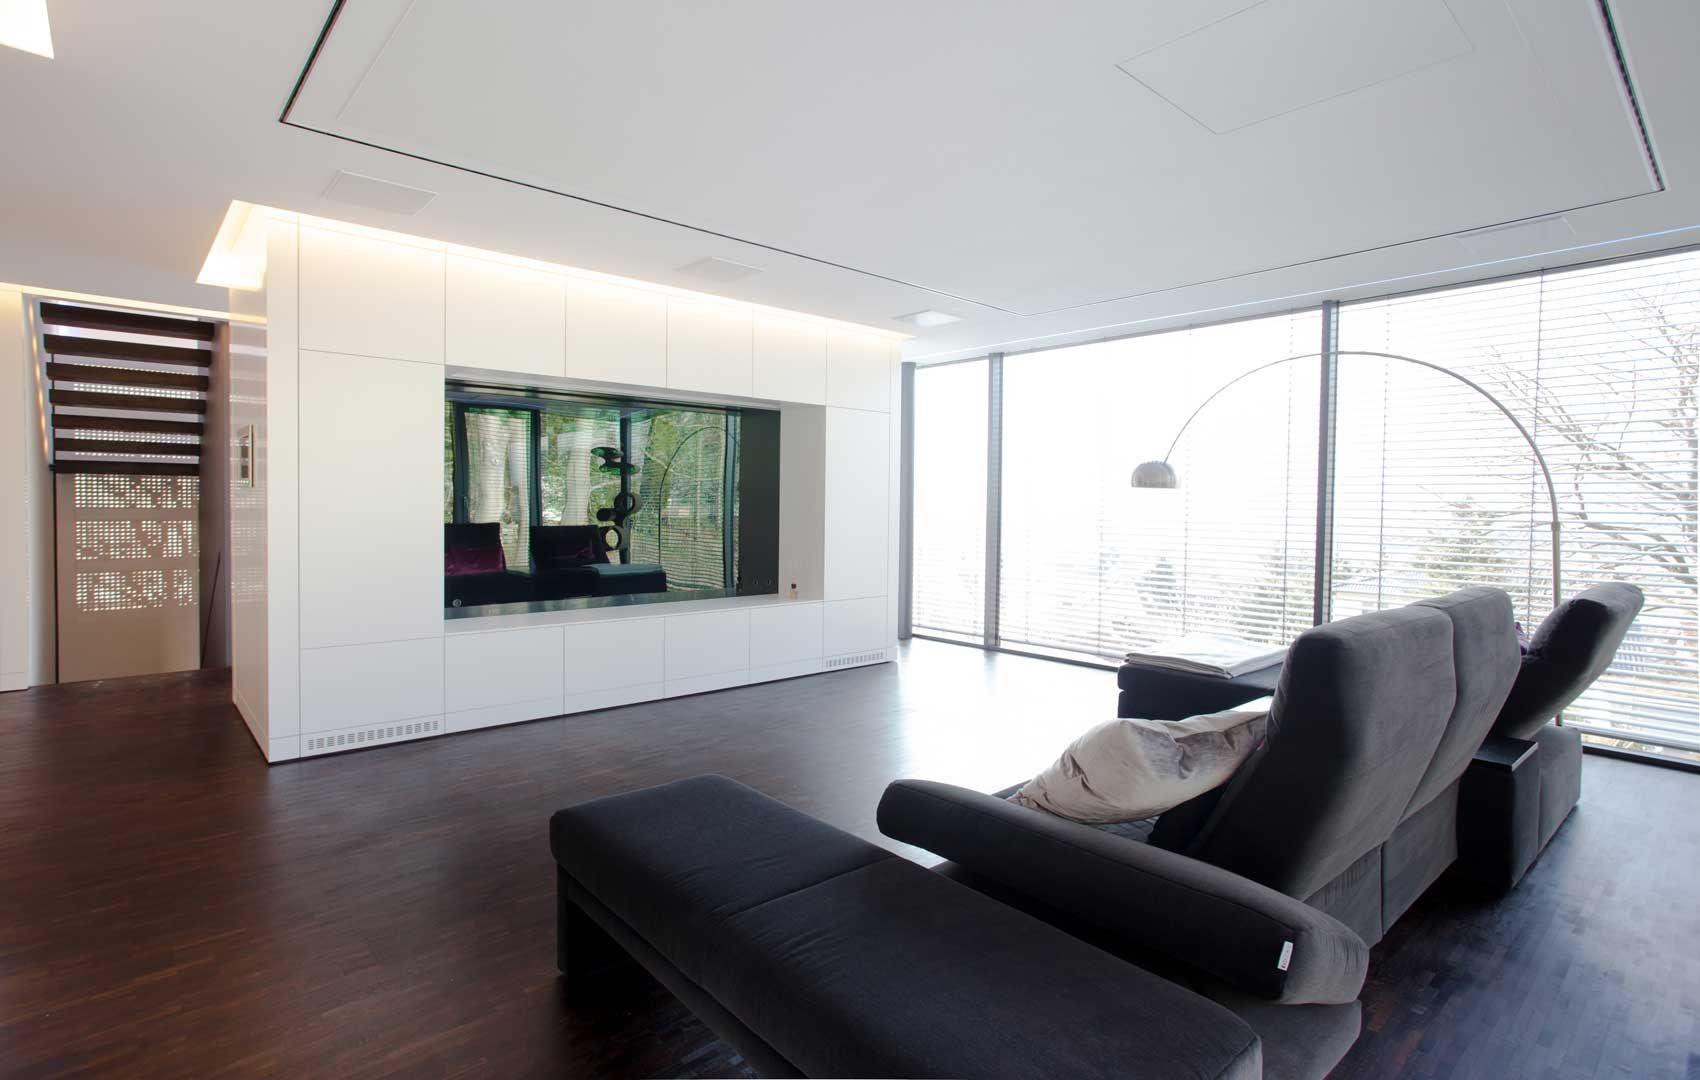 Möbelgeschäft Darmstadt ihr schreiner nach maß in darmstadt arheilgen open space villa